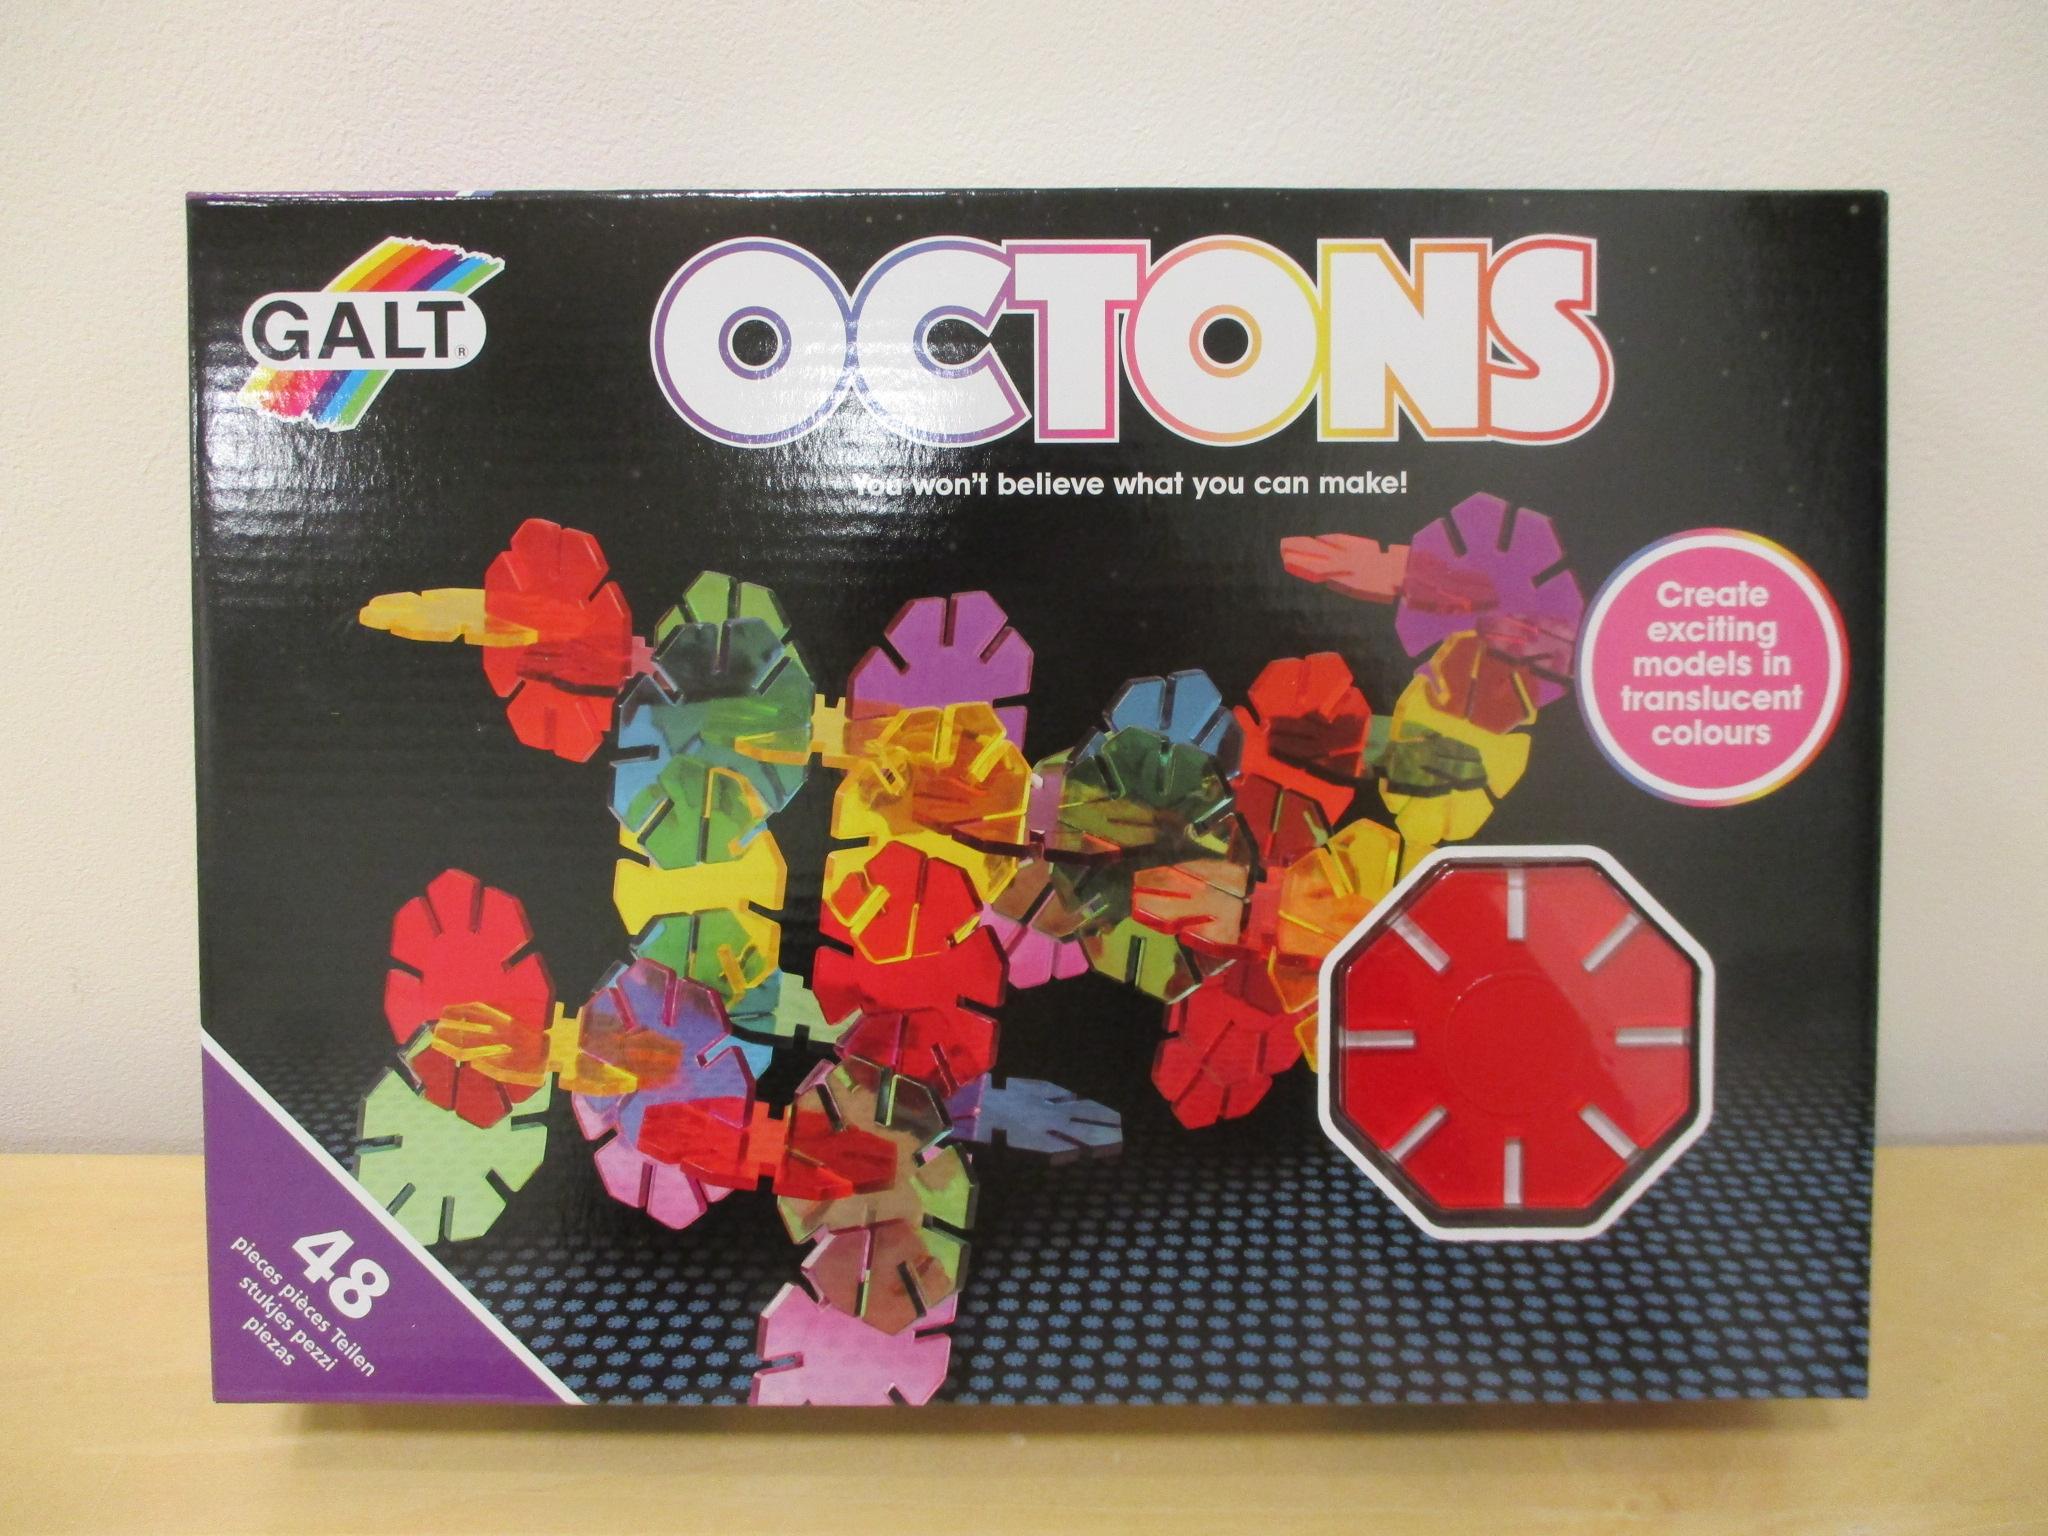 光であそぶアート・ブロック「OCTONS」のご紹介